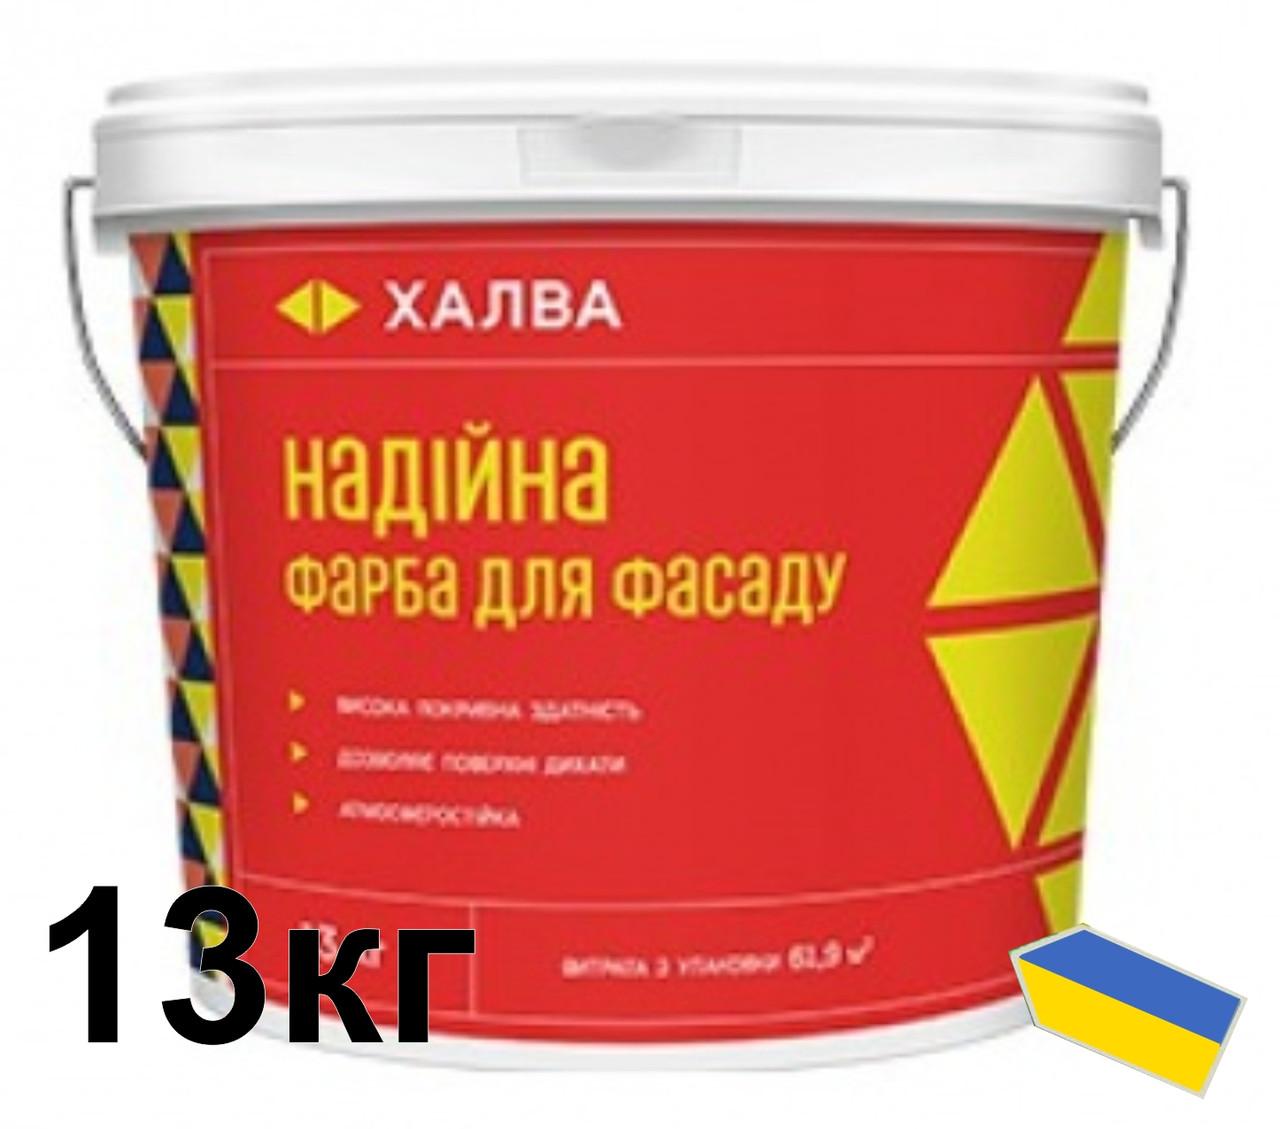 Надежная краска для фасада 13кг